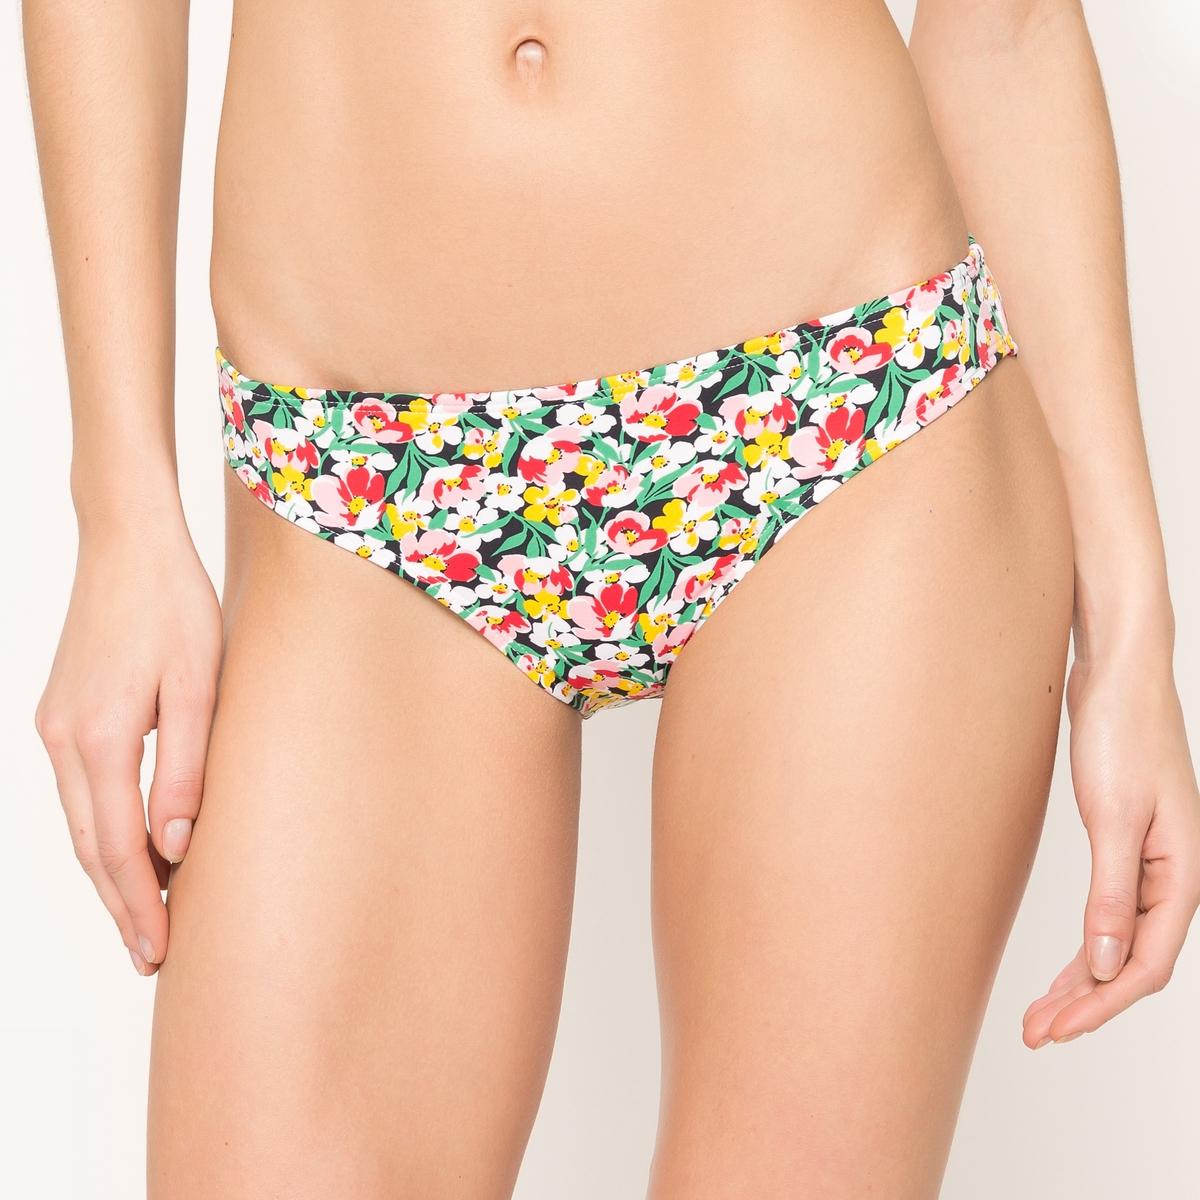 Трусы-плавки от купальника классической формы с цветочным рисунком